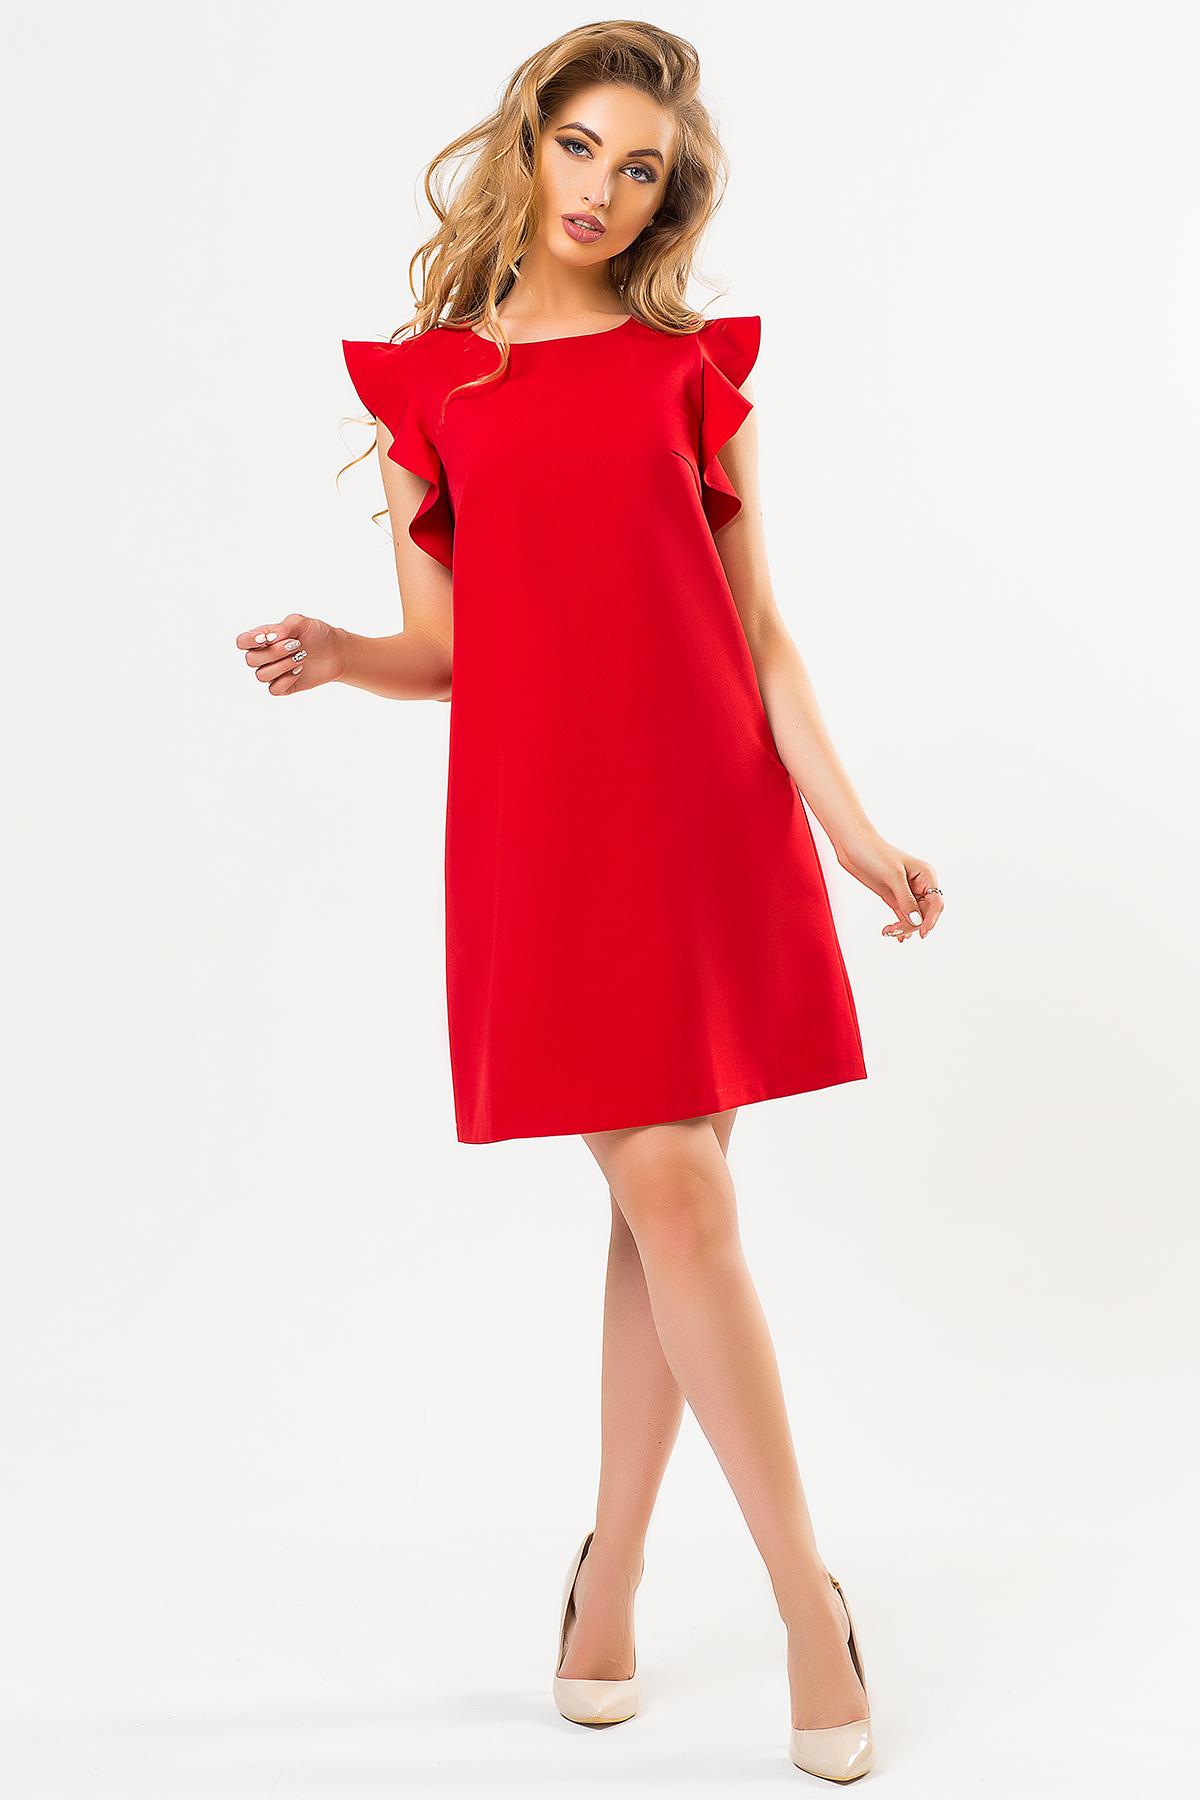 Красное платье с воланами на плечах - Garda 33832407b0b